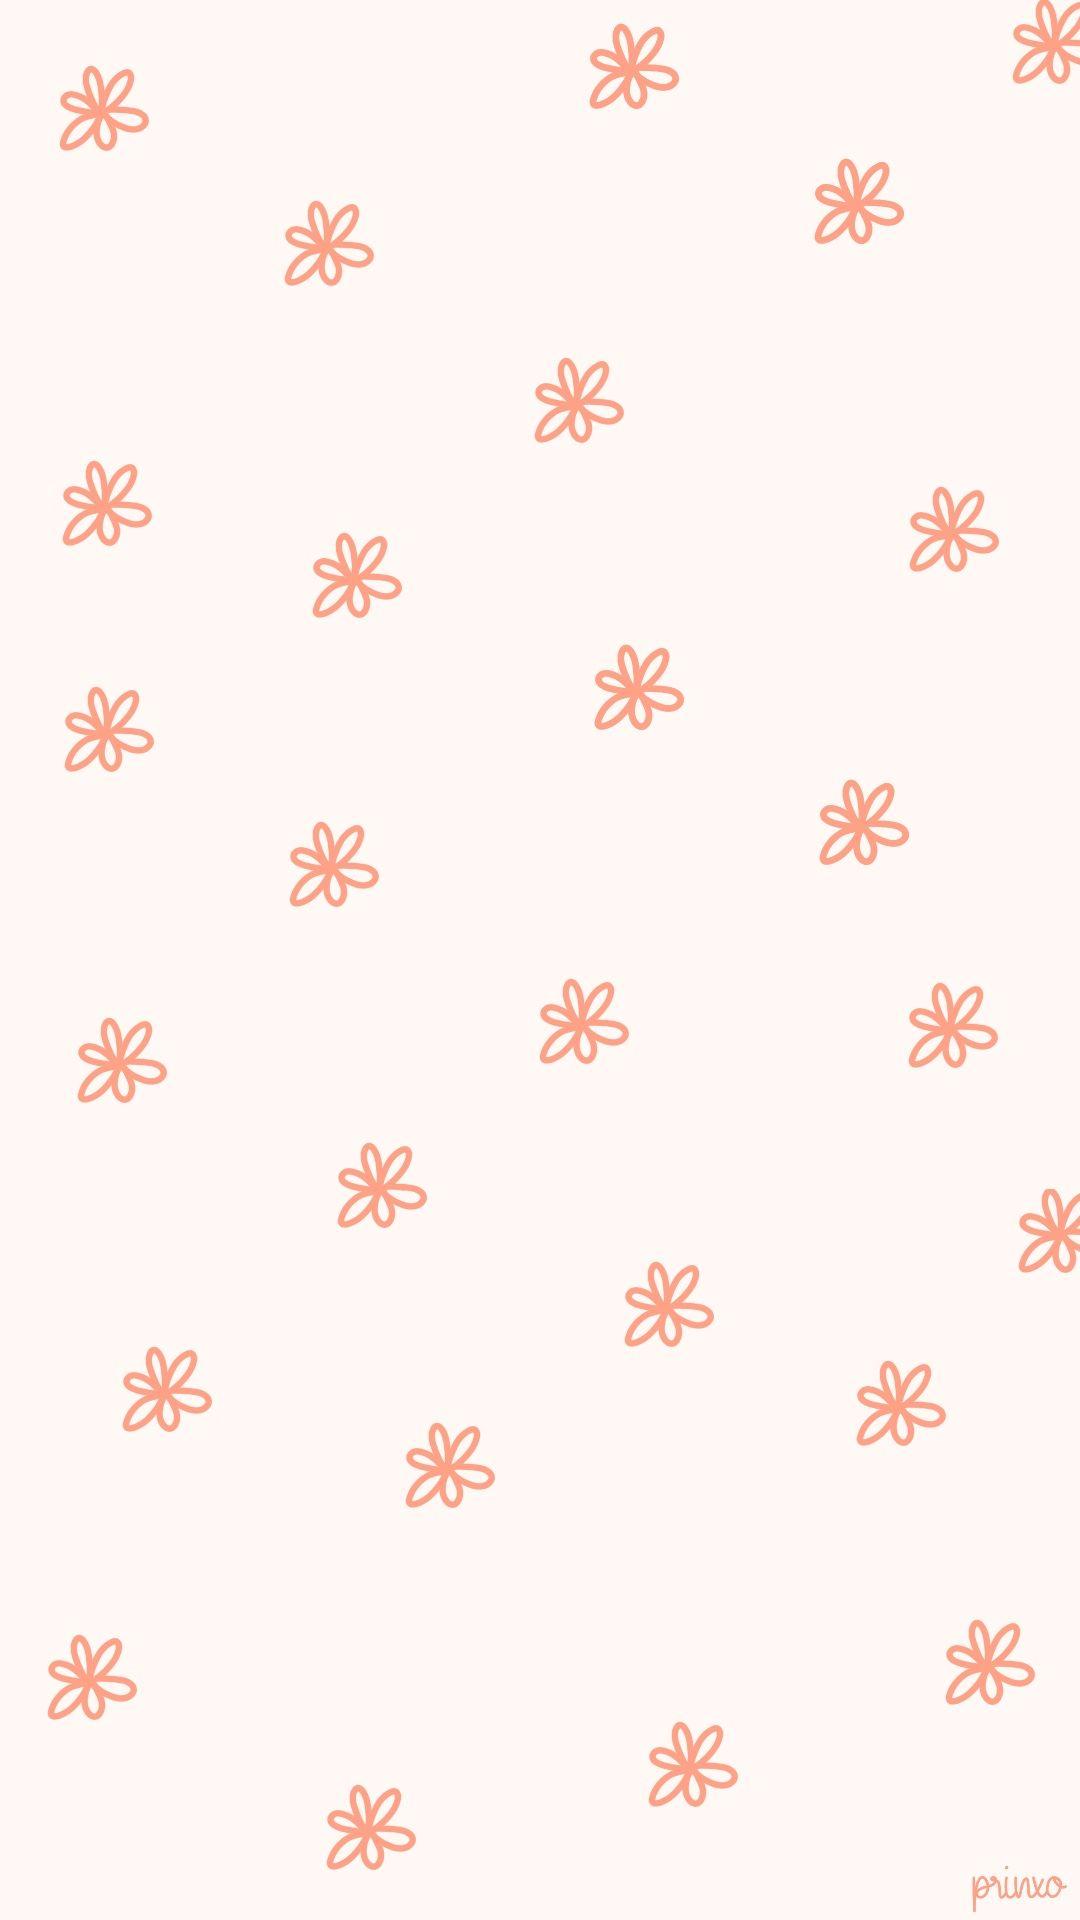 March Flowers Wallpaper Pink Cute Patterns Wallpaper Homescreen Wallpaper Iphone Background Wallpaper Aesthetic pattern aesthetic wallpaper